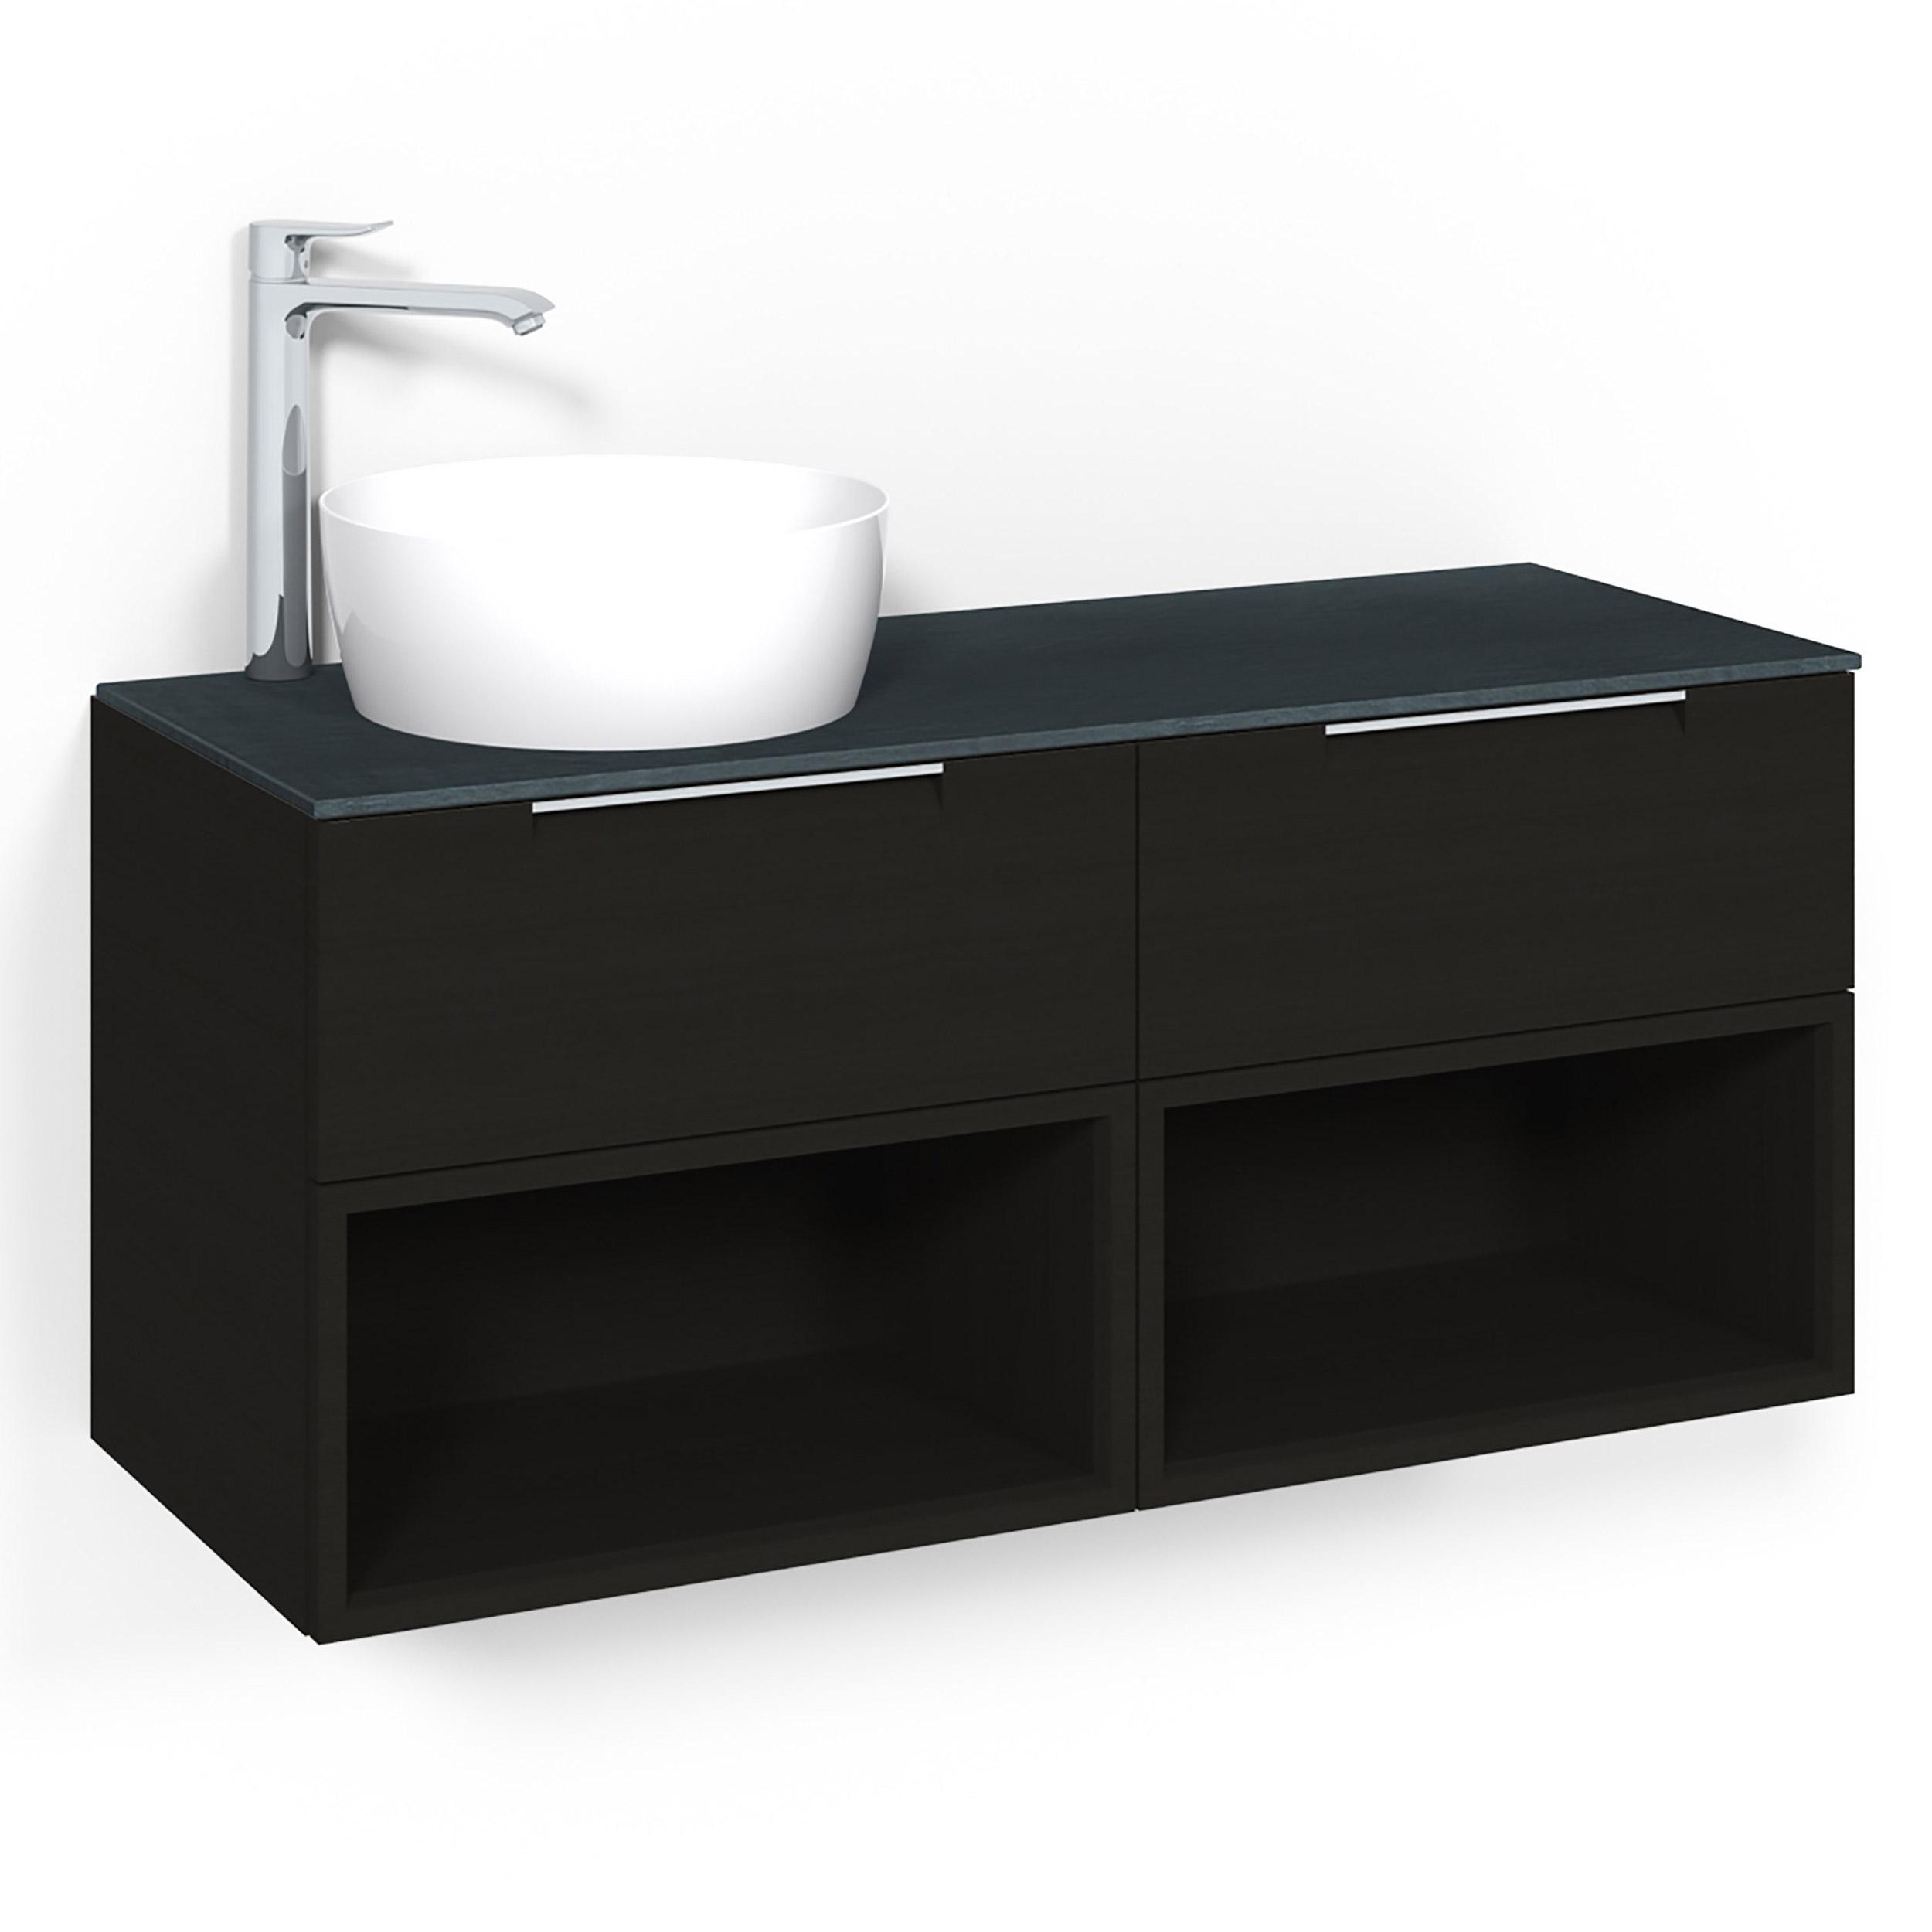 Tvättställsskåp Macro Design Crown Open Box Ovanpåliggande Tvättställ